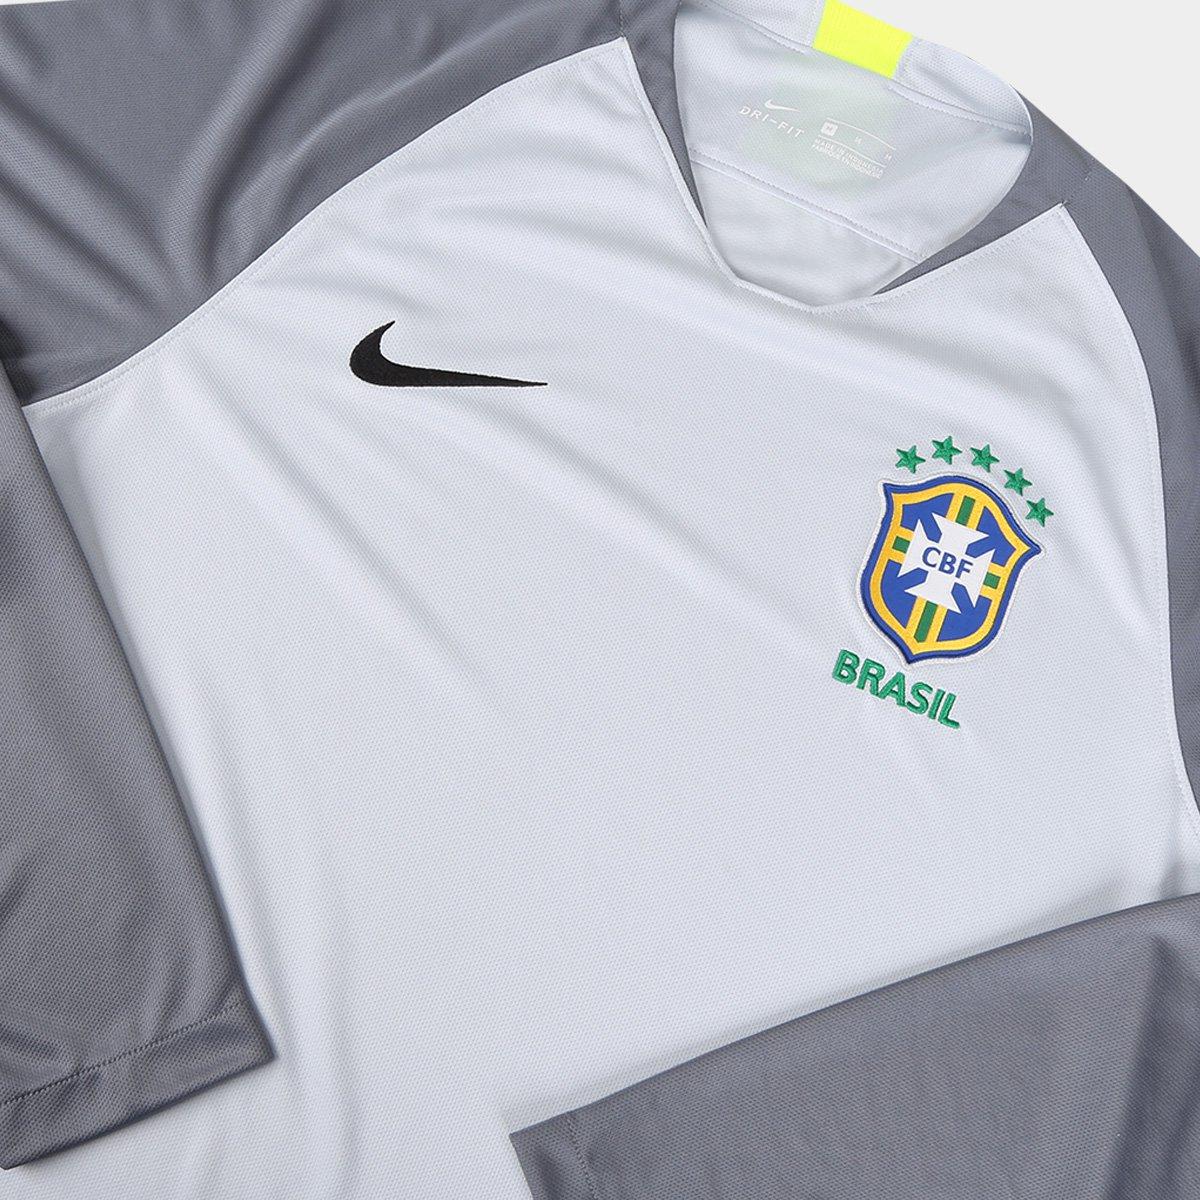 c63e526855 ... Camisa Seleção Brasil Goleiro 2018 nº 1 Alisson - Torcedor Nike  Masculina